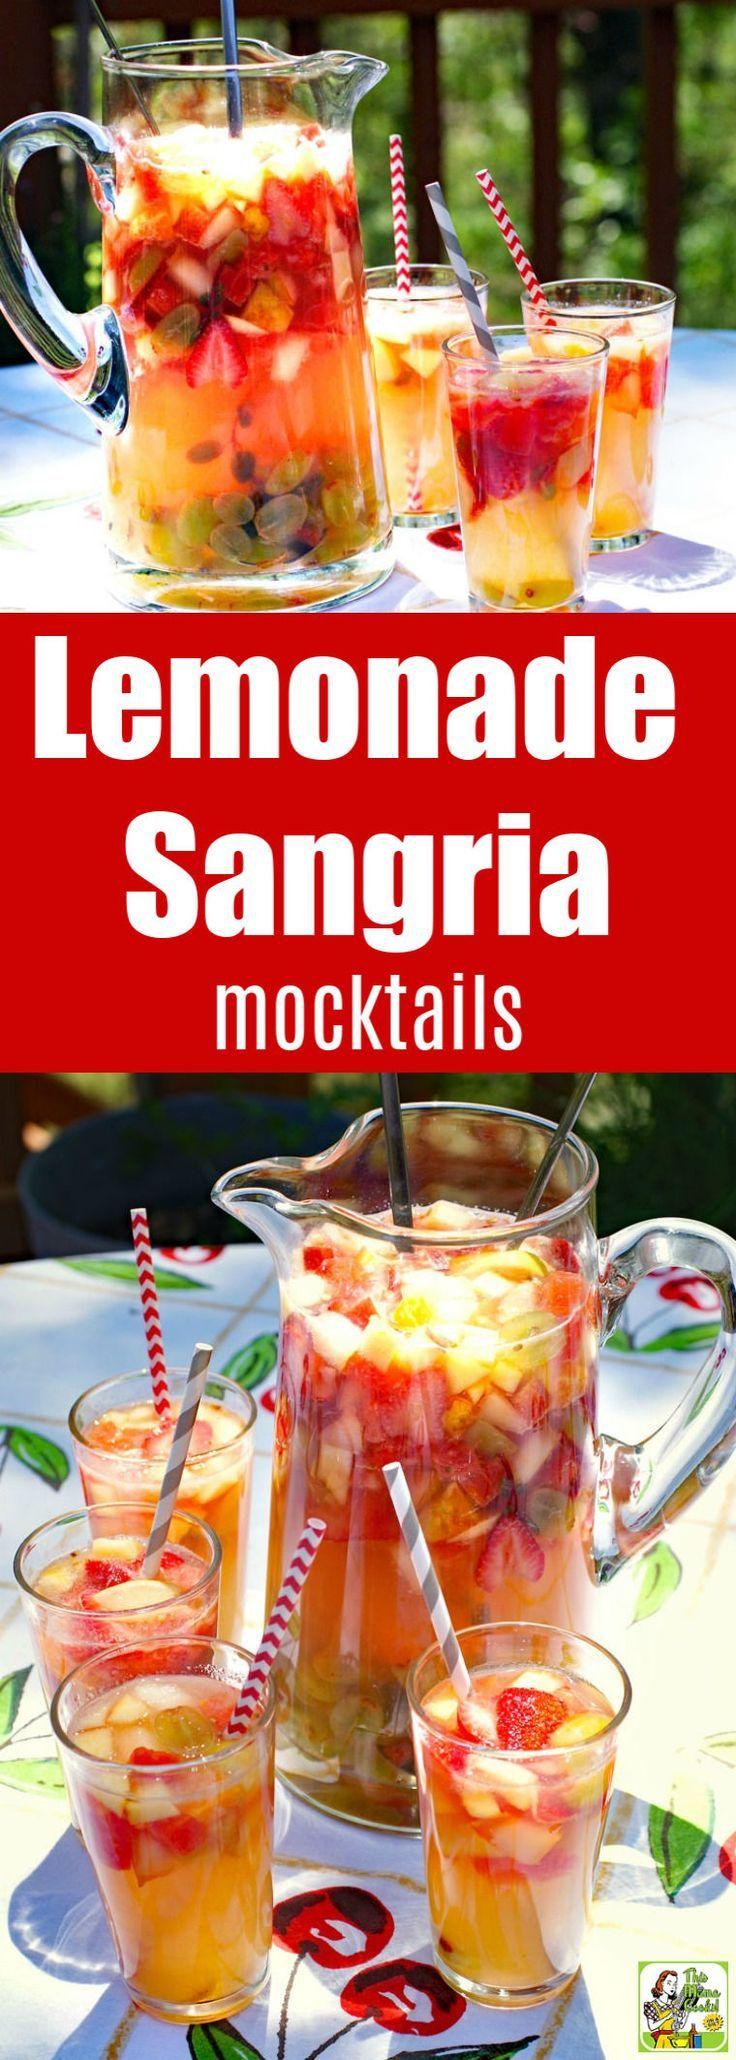 Lemonade Sangria Mocktails